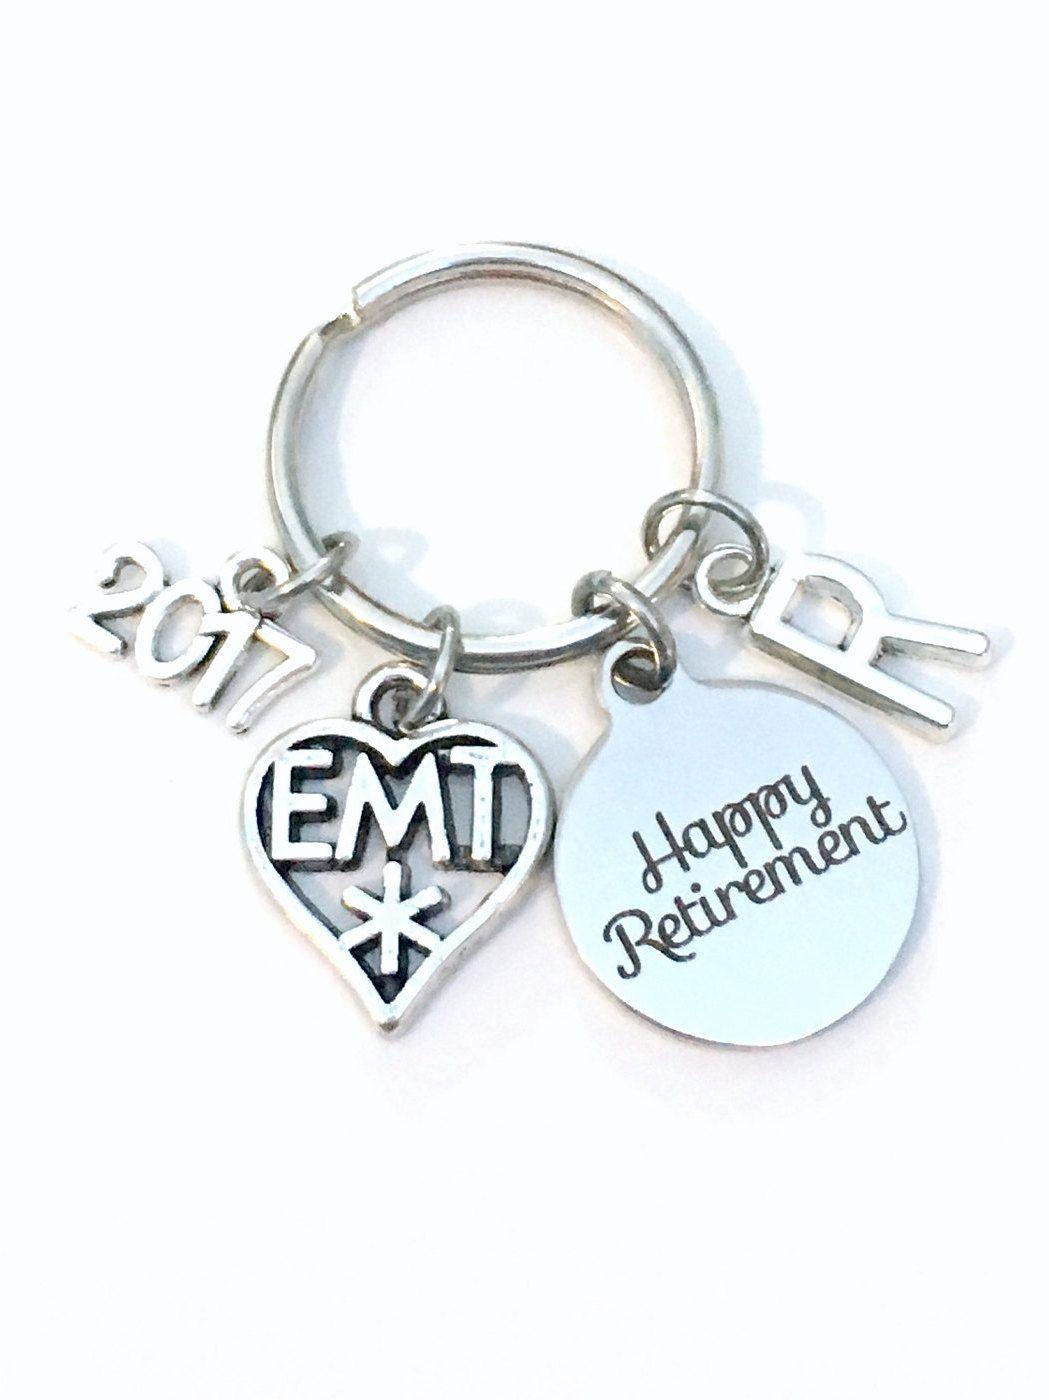 Retirement Gift For Emt Keychain  Medical Paramedic Symbol